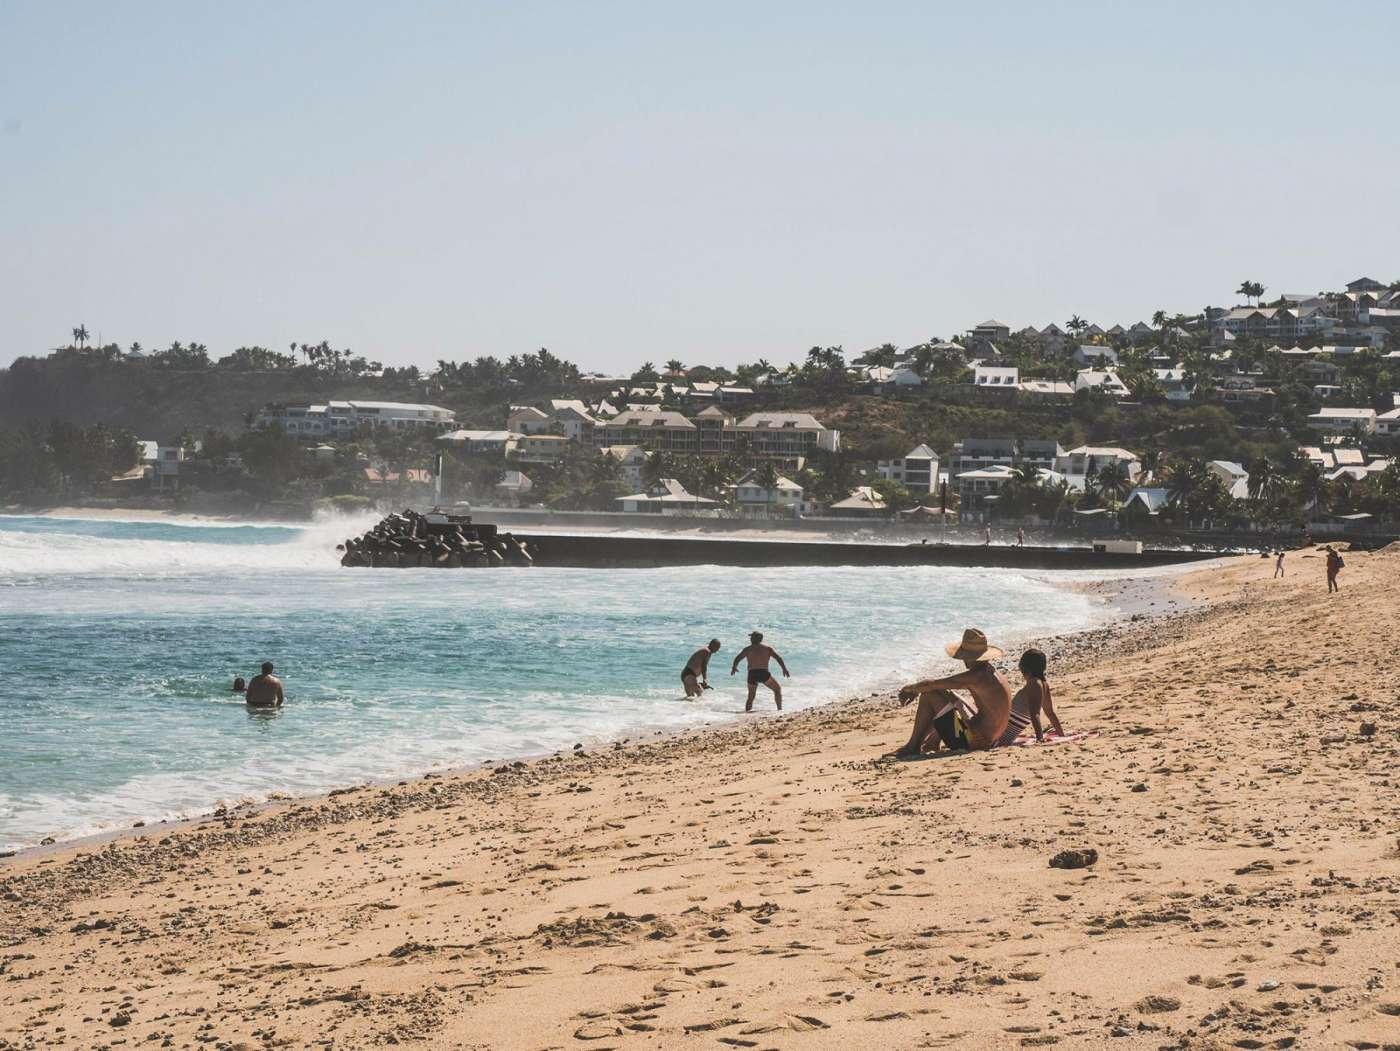 Une journée à saint-gilles-les-bains : 6 idées pour profiter de la ville à pied 974